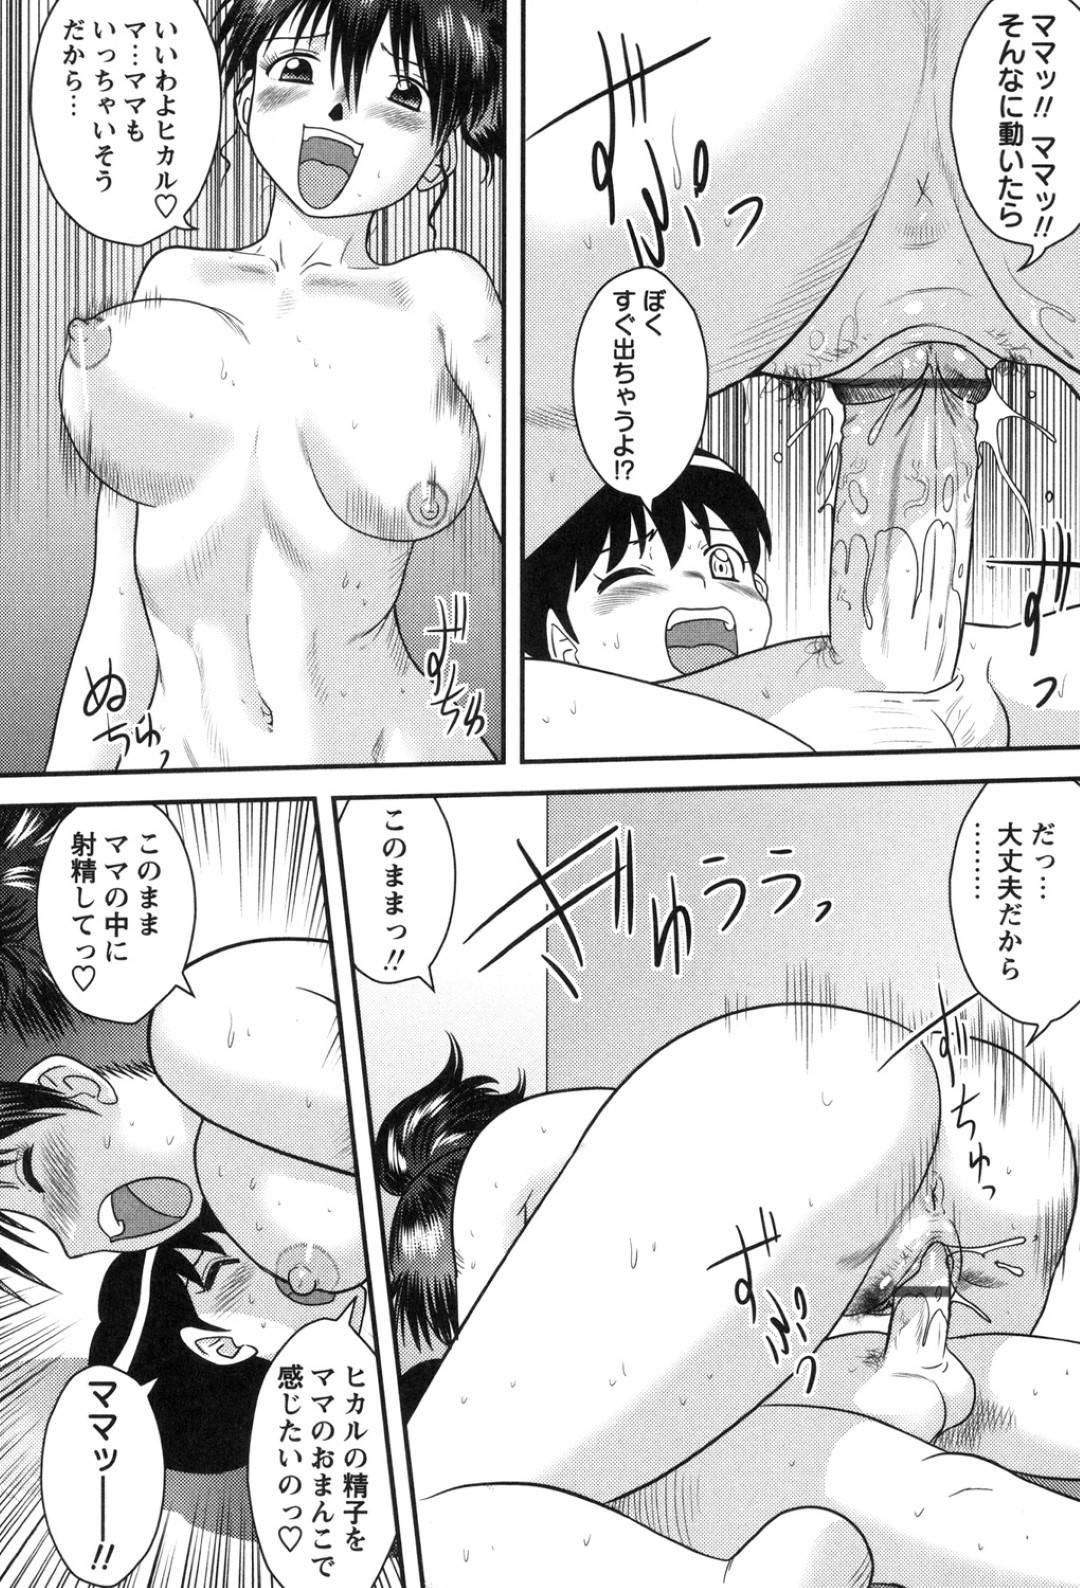 【母息子近親相姦エロ漫画】息子がオナニーしている所を見てしまったママは、一緒にお風呂に入り性教育としてまんこを見せフェラや手コキで責めると近親相姦中出しセックスでアクメする【後藤寿庵】